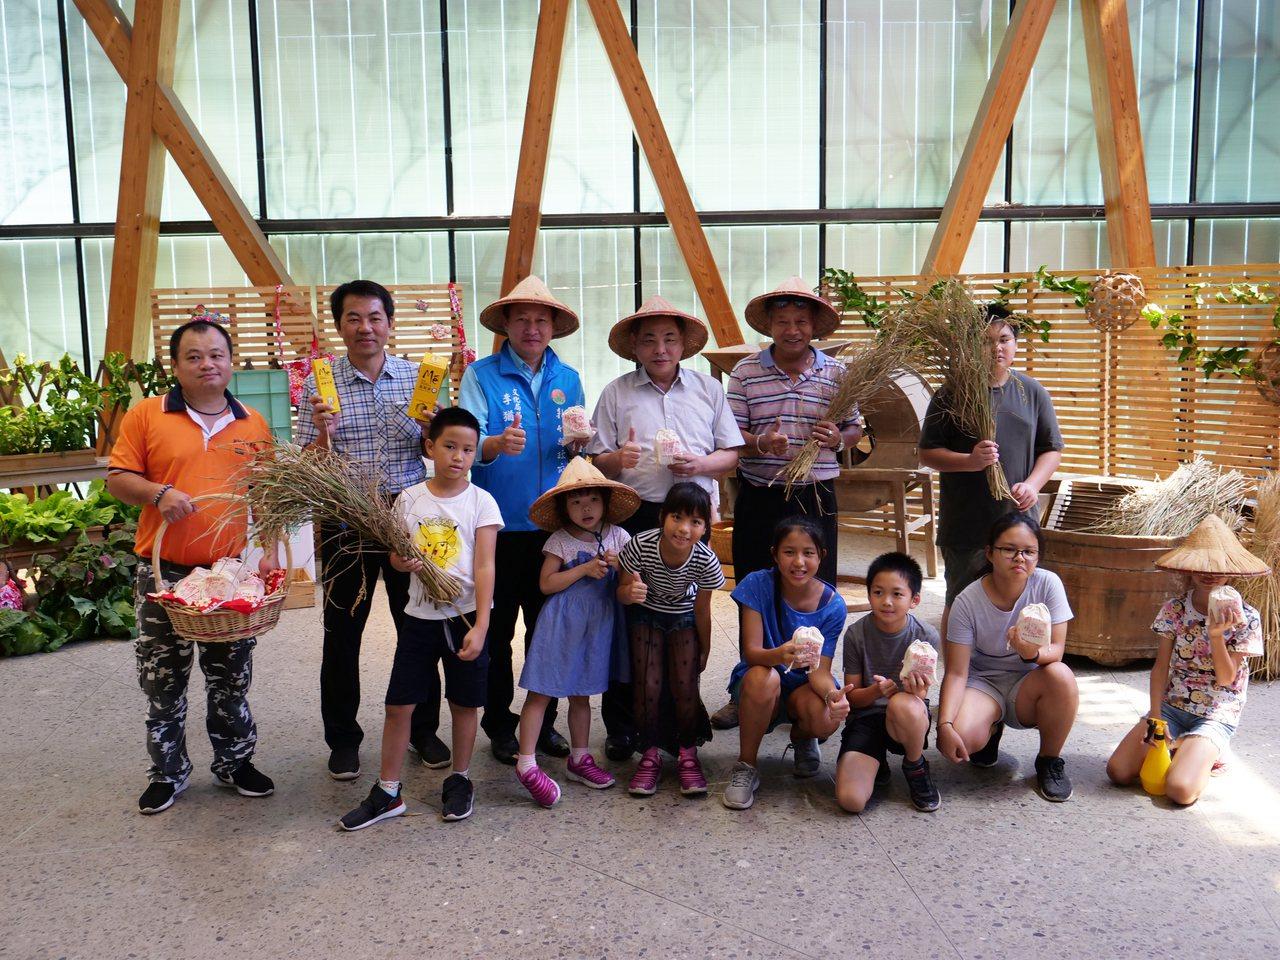 8月24日至11月9日推出四大主題活動,有節氣體驗、綠生活體驗、農事小學堂、秋收...